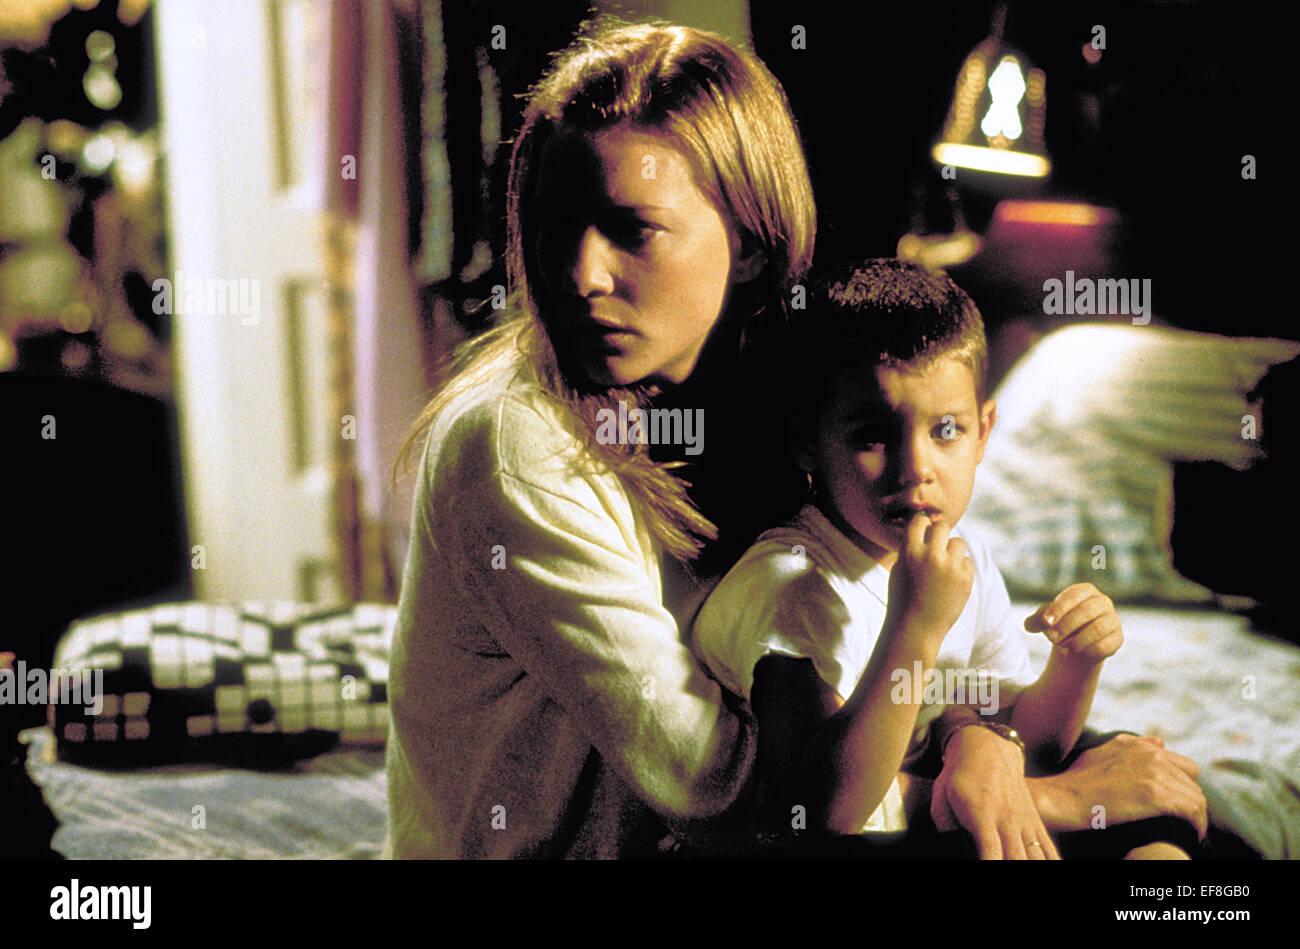 CATE BLANCHETT & HUNTER MCGILVRAY THE GIFT (2000 Stock Photo ...